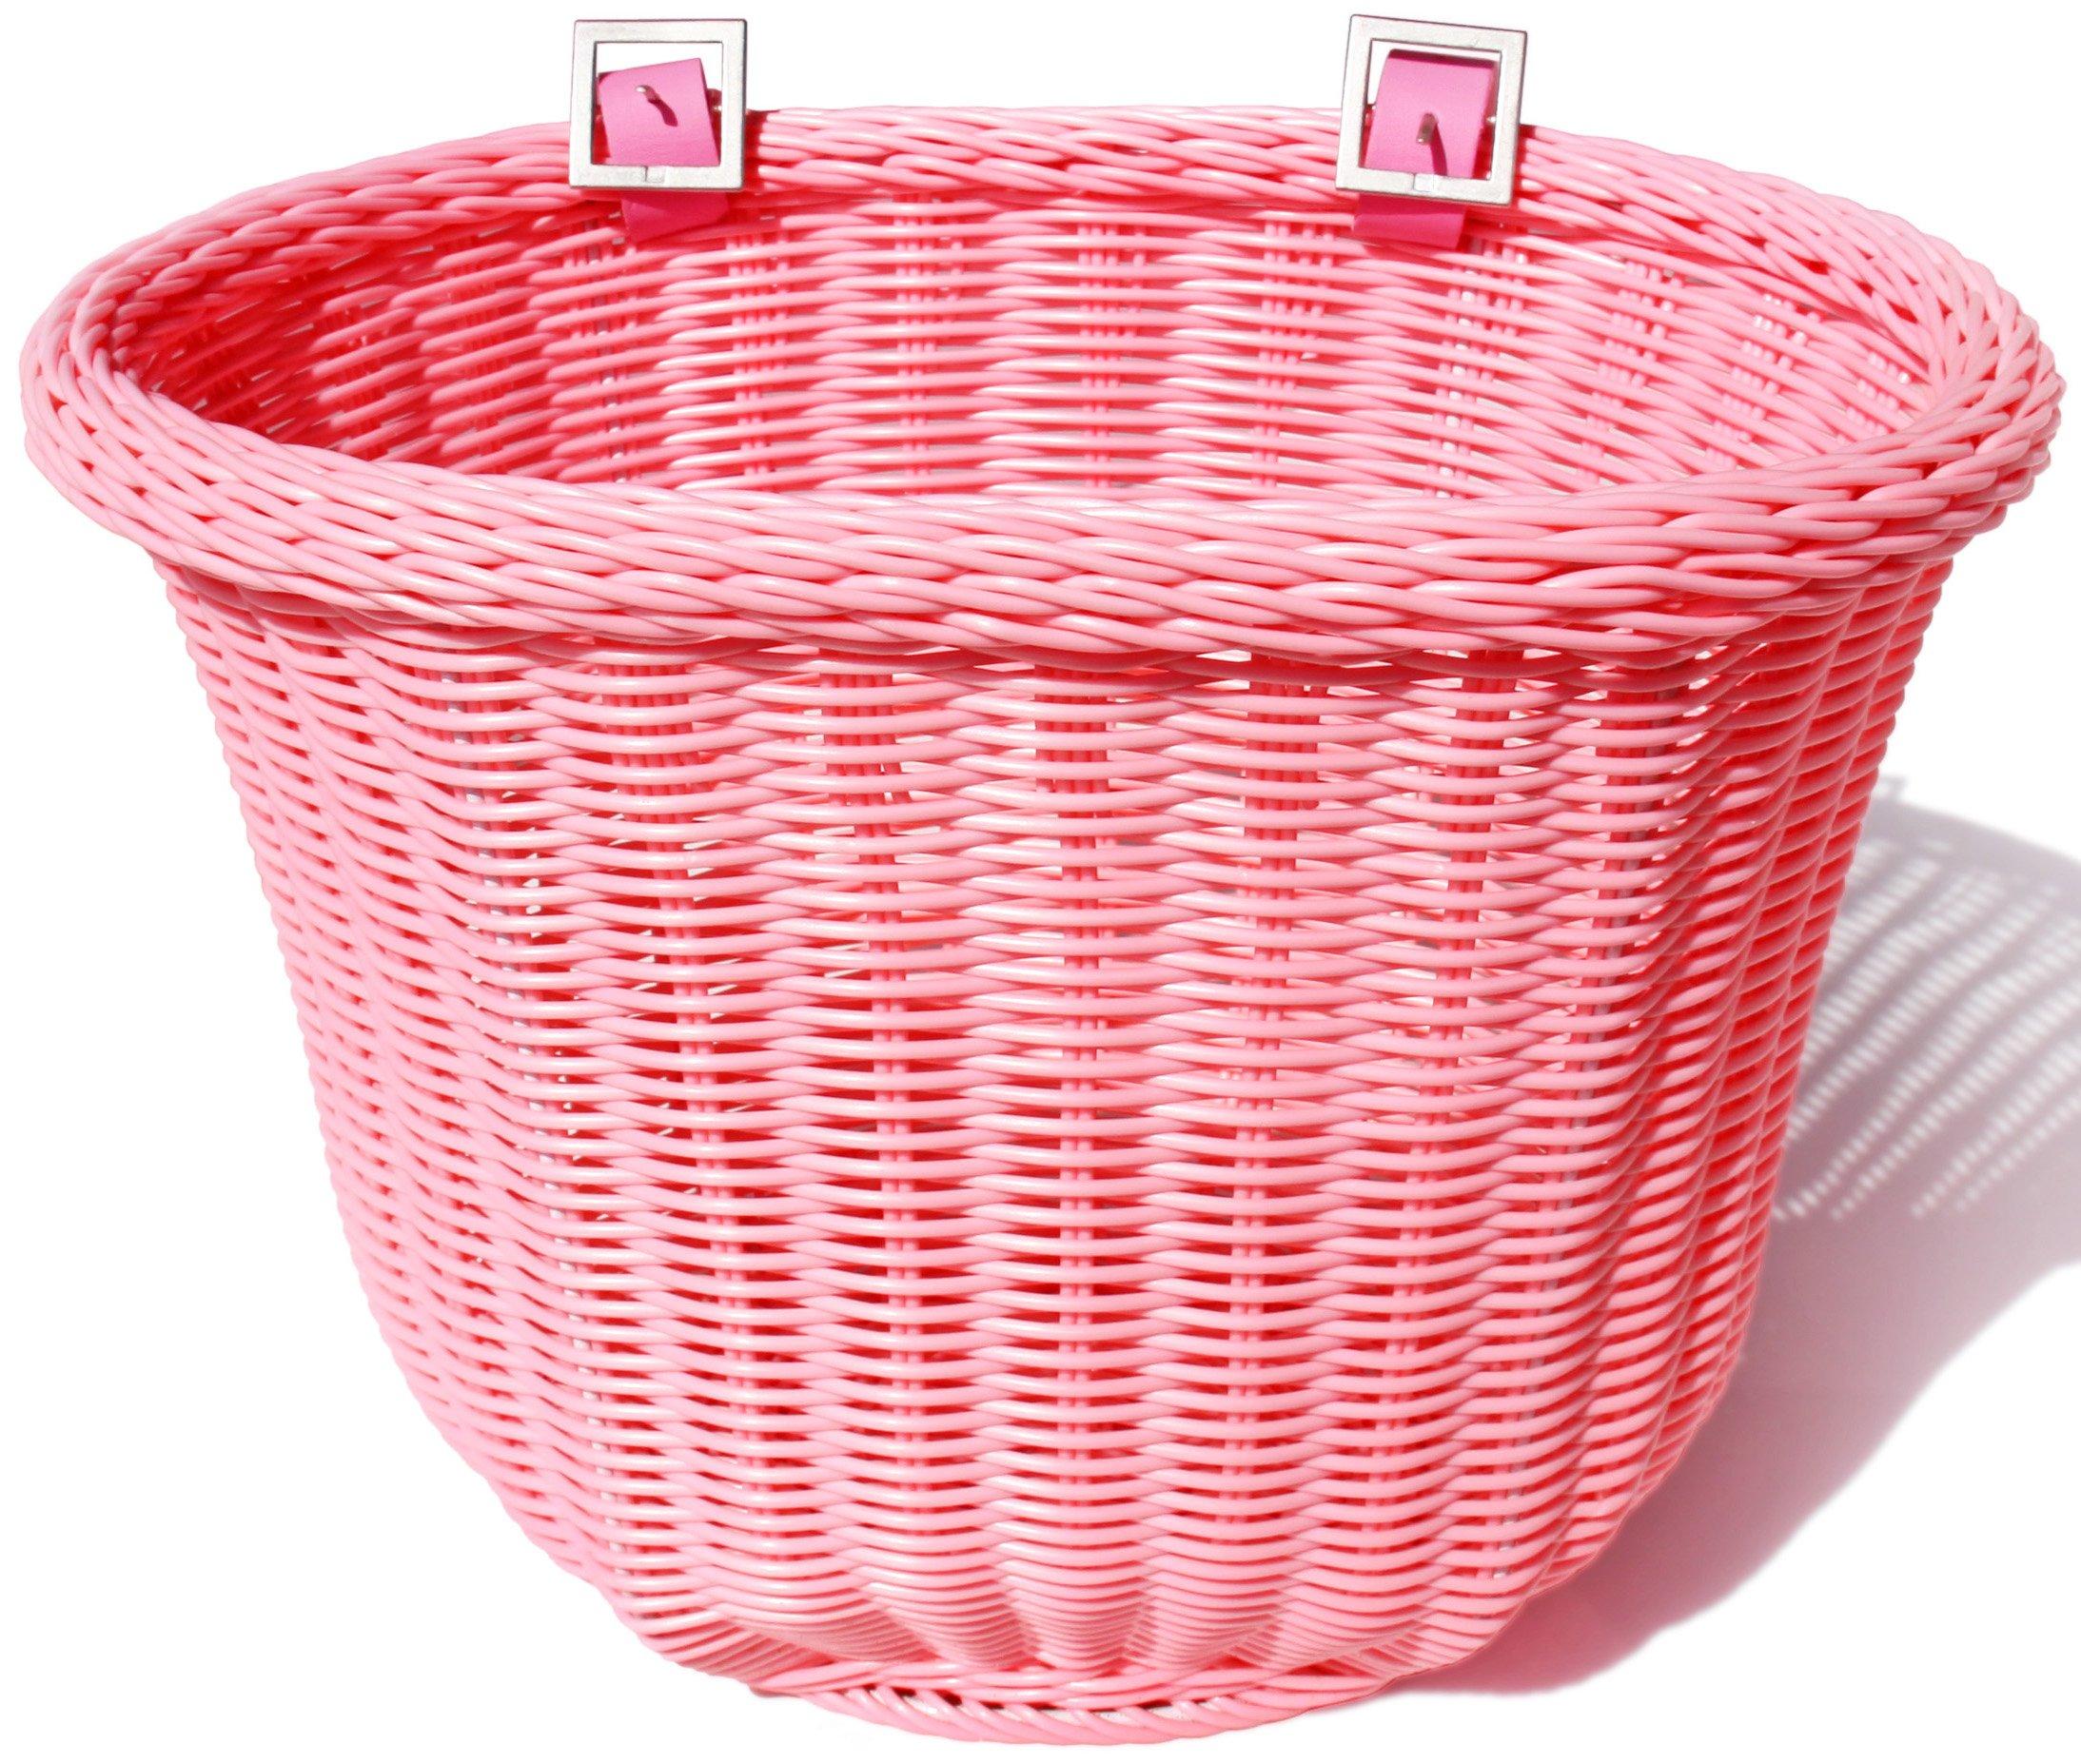 Colorbasket 01310 Front Handle Bar Adult Bike Basket, Water Resistant, Leather Straps, Pink